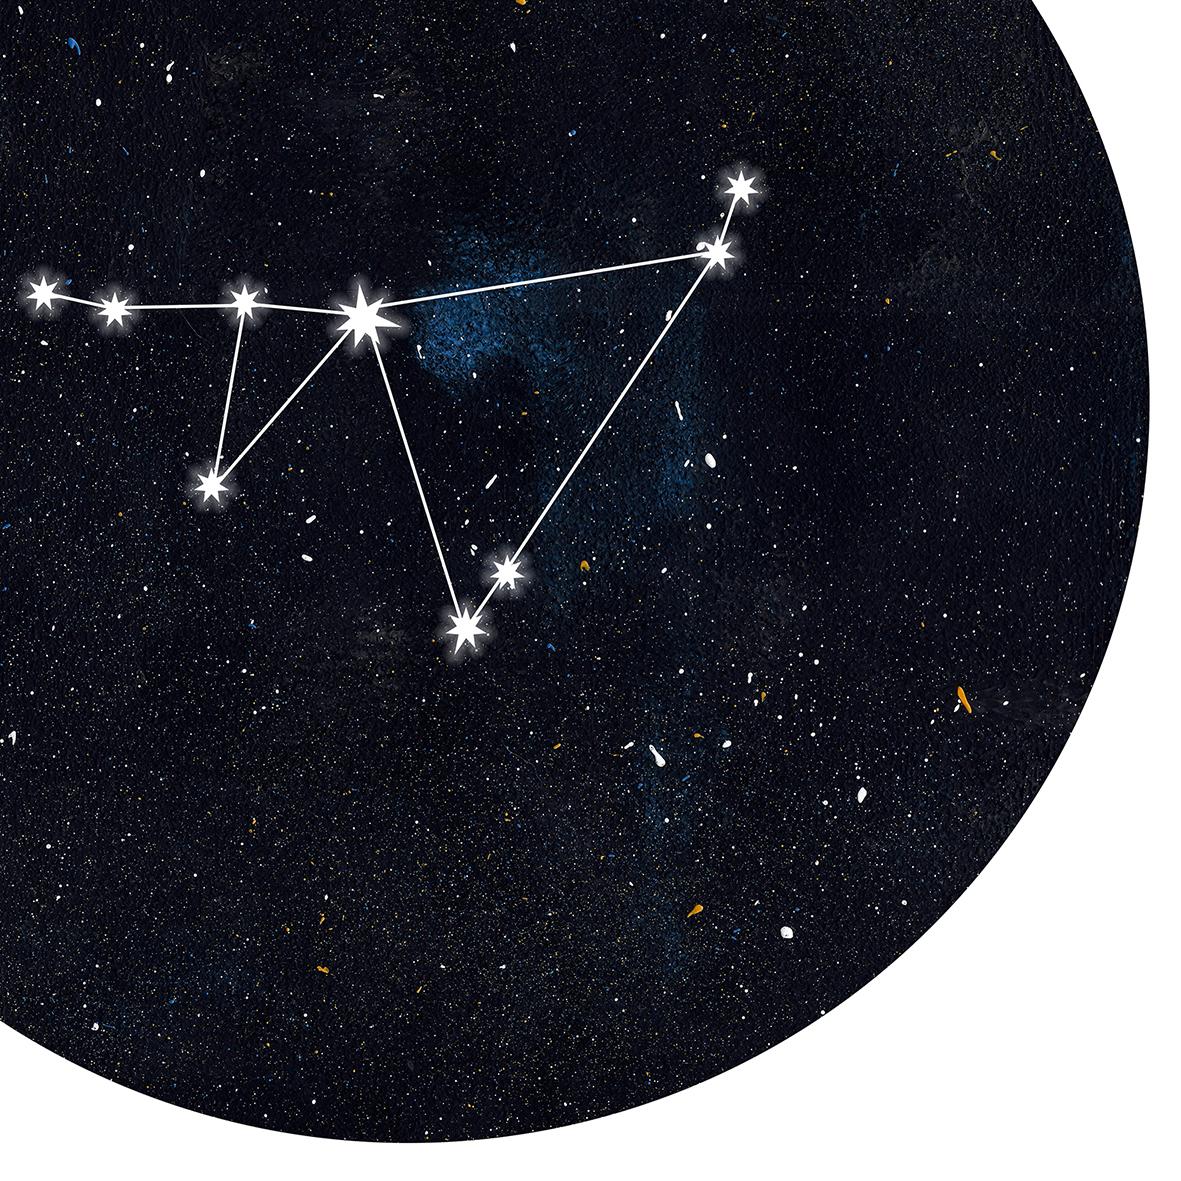 Sternzeichen Steinbock - 2